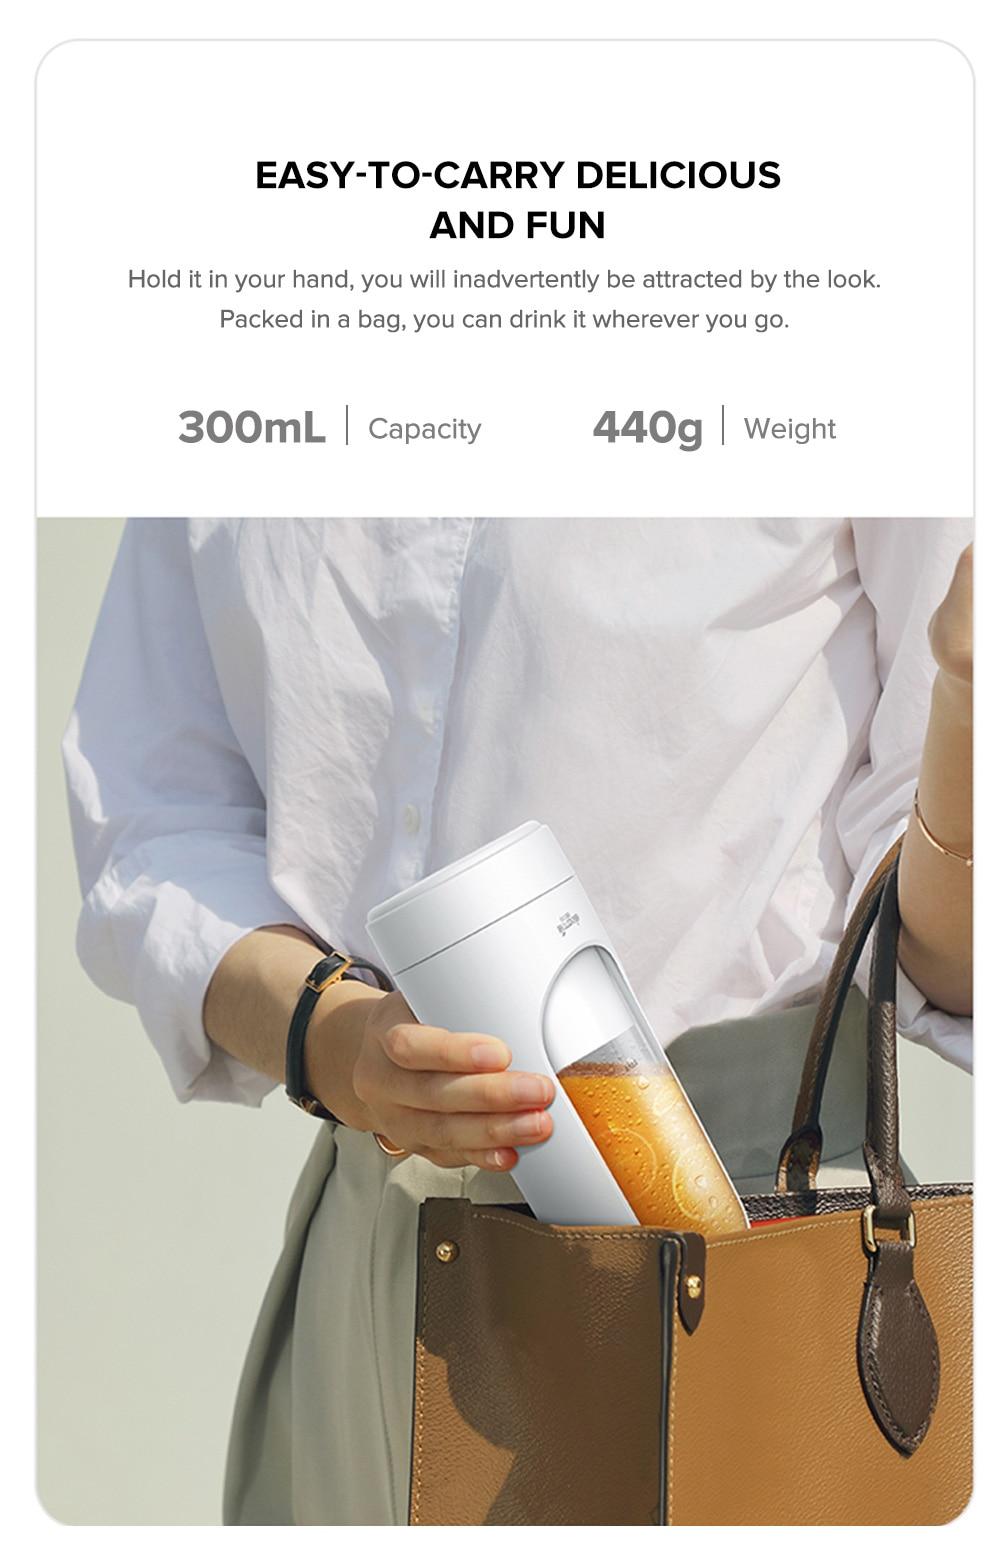 Deerma DEM - NU30 Portable Fruit Juicer USB Rechargeable Mini Wireless DIY Milkshake Vegetable Blender 300ml Water Cup